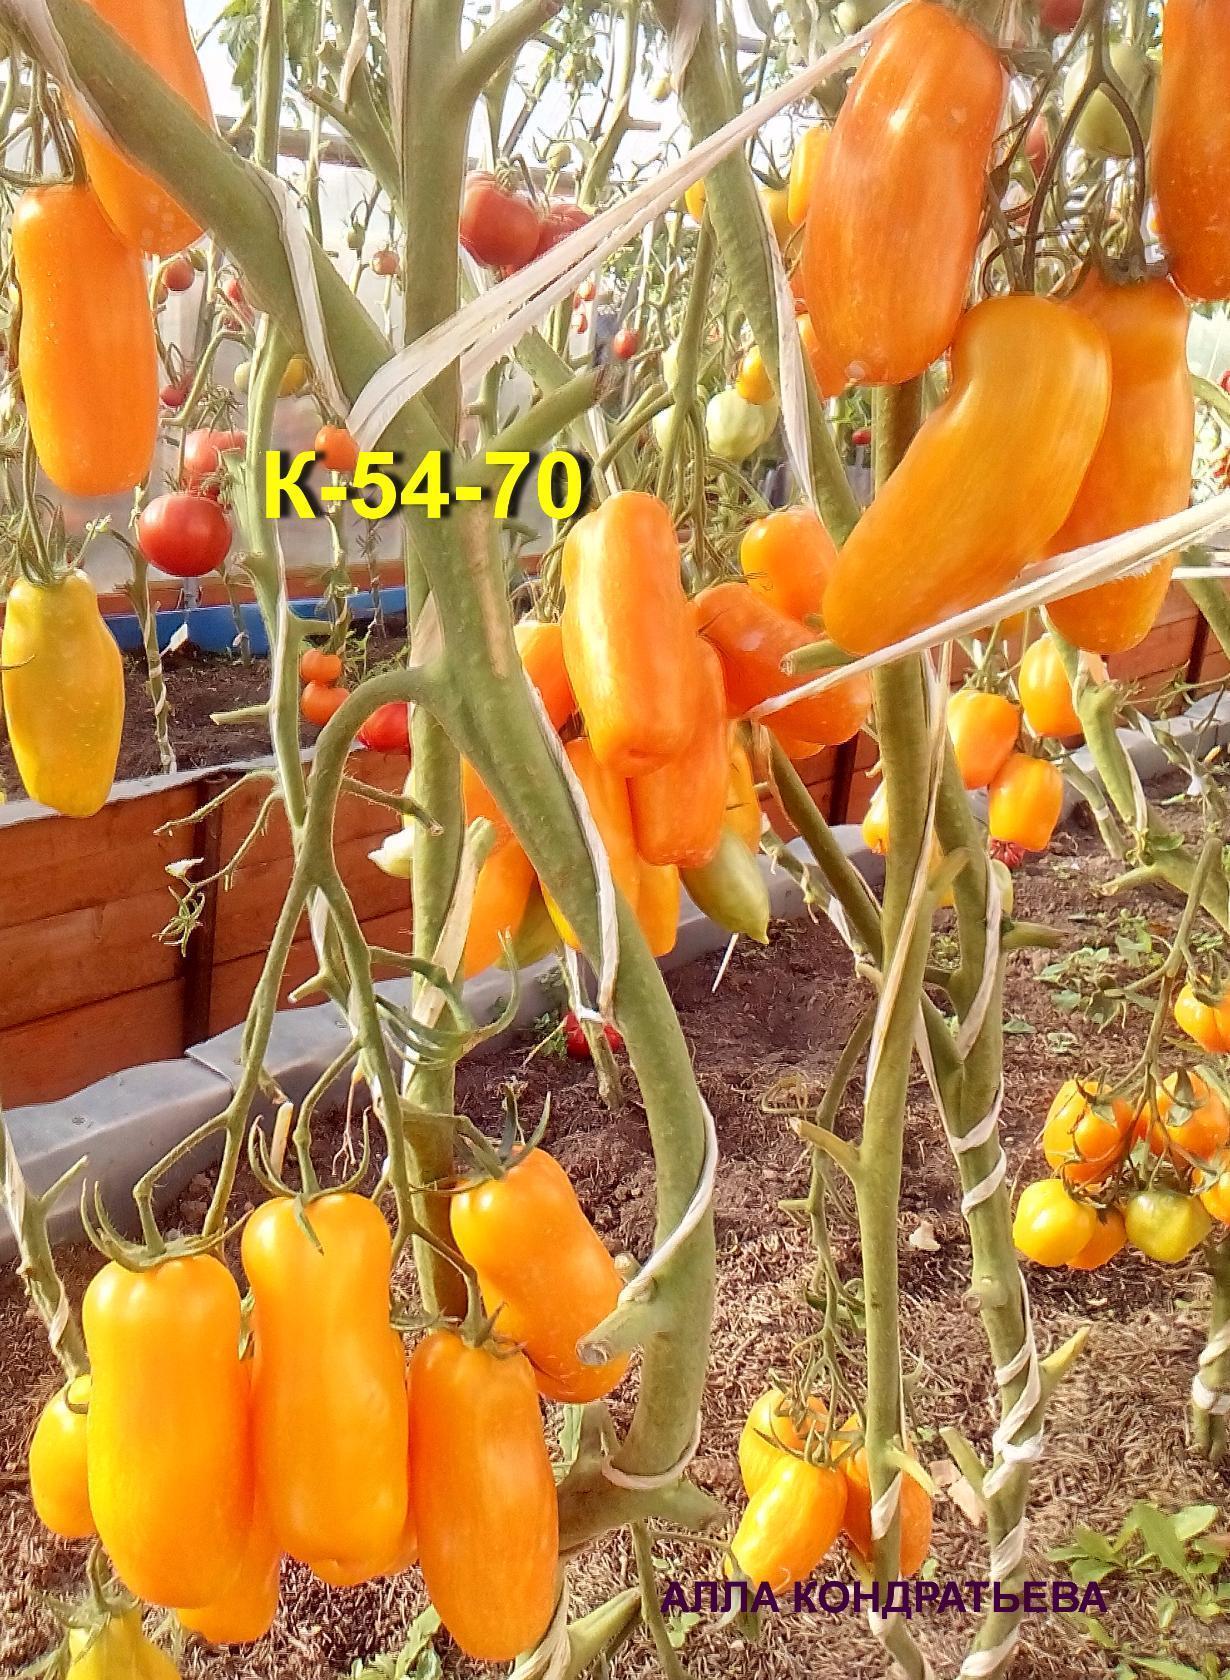 tomat-k-54-70